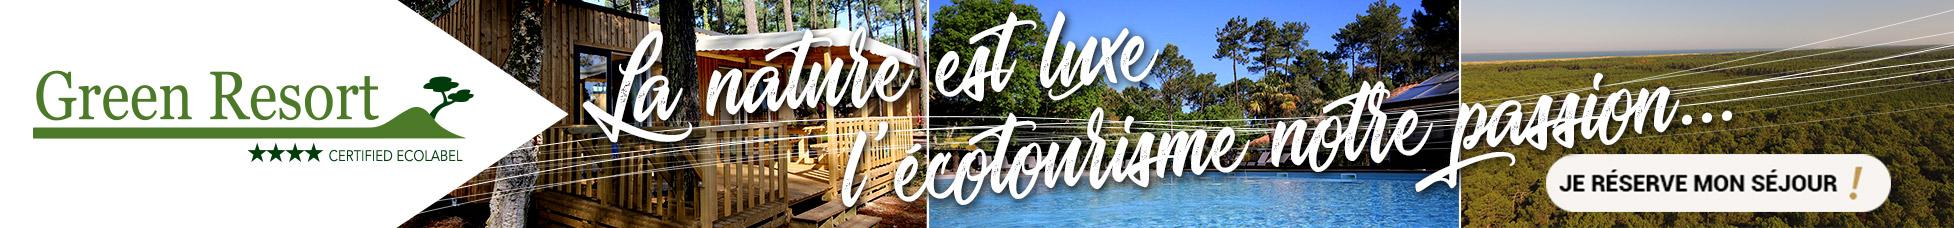 Bannière Green Resort ecotourisme